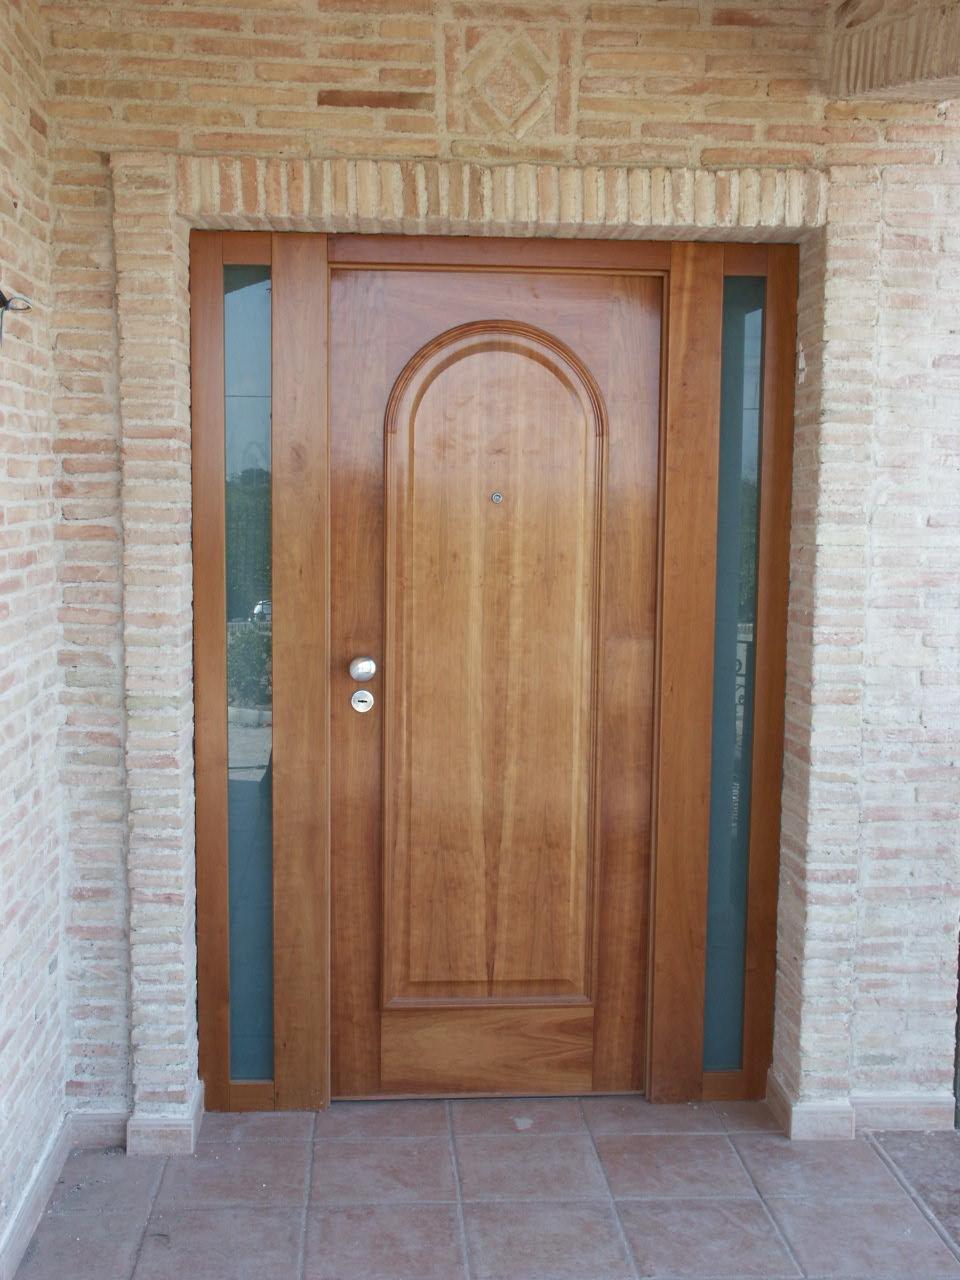 Galer a de fotos y ejemplos de puertas tecemur for Puertas de madera de ocasion